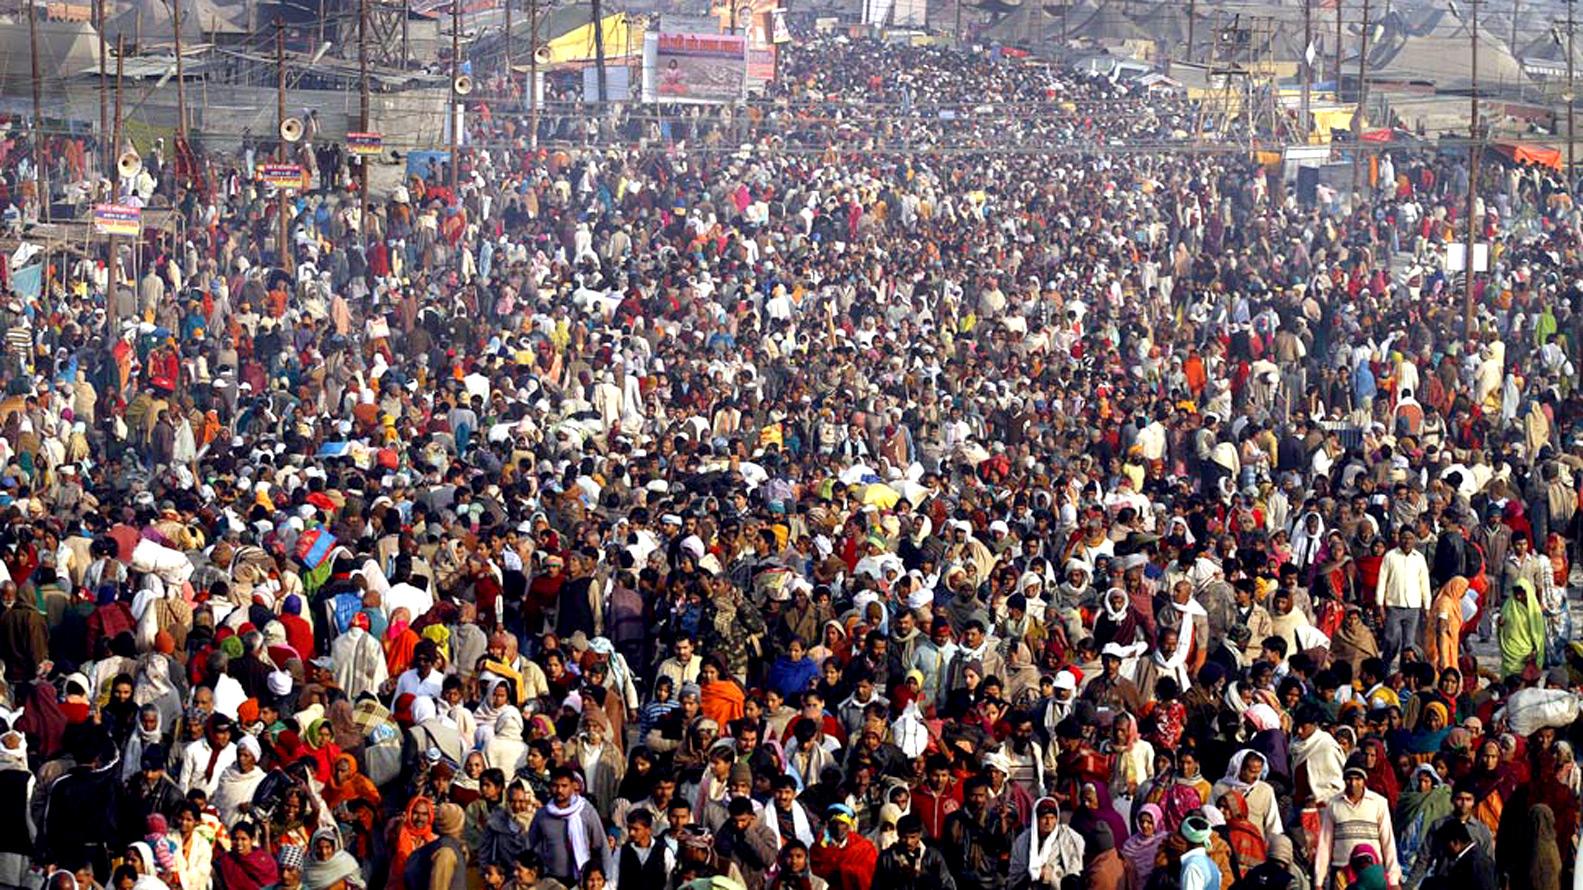 En 2020, China dejará de ser el país más poblado del mundo - Infobae